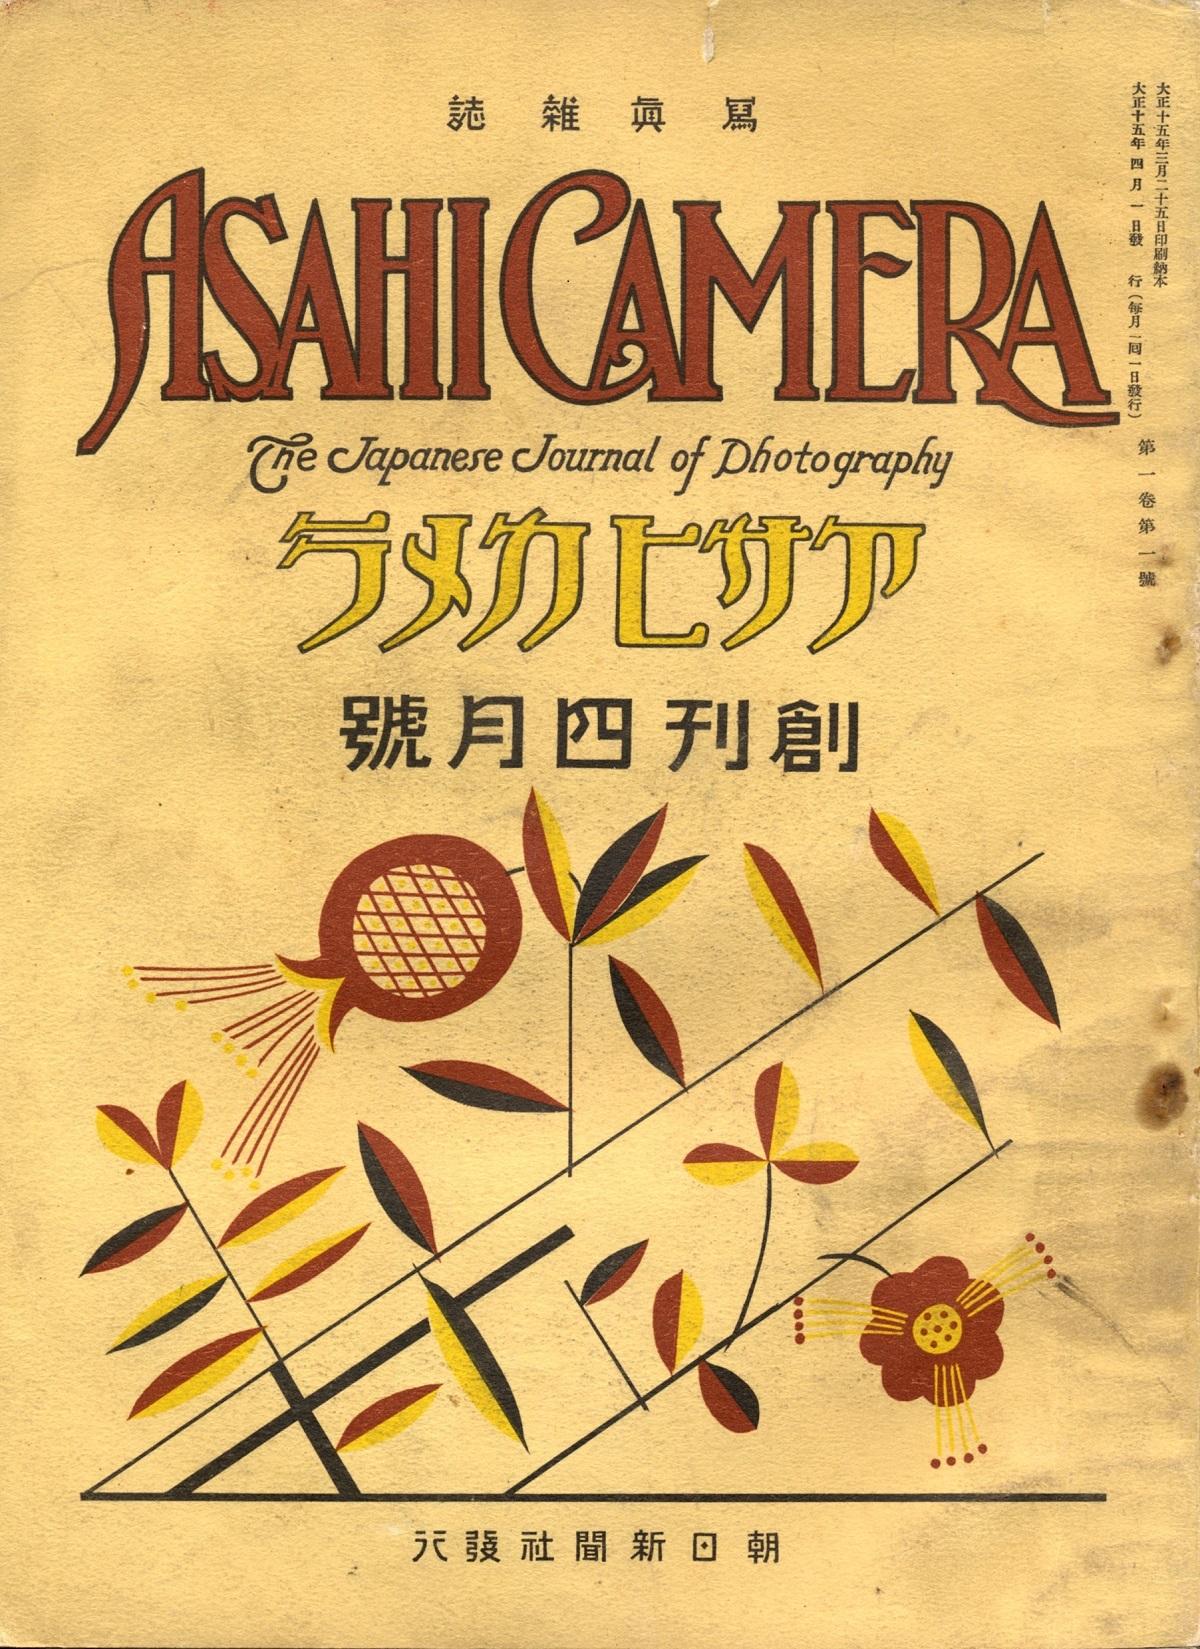 『アサヒカメラ』創刊号(1926年4月号)